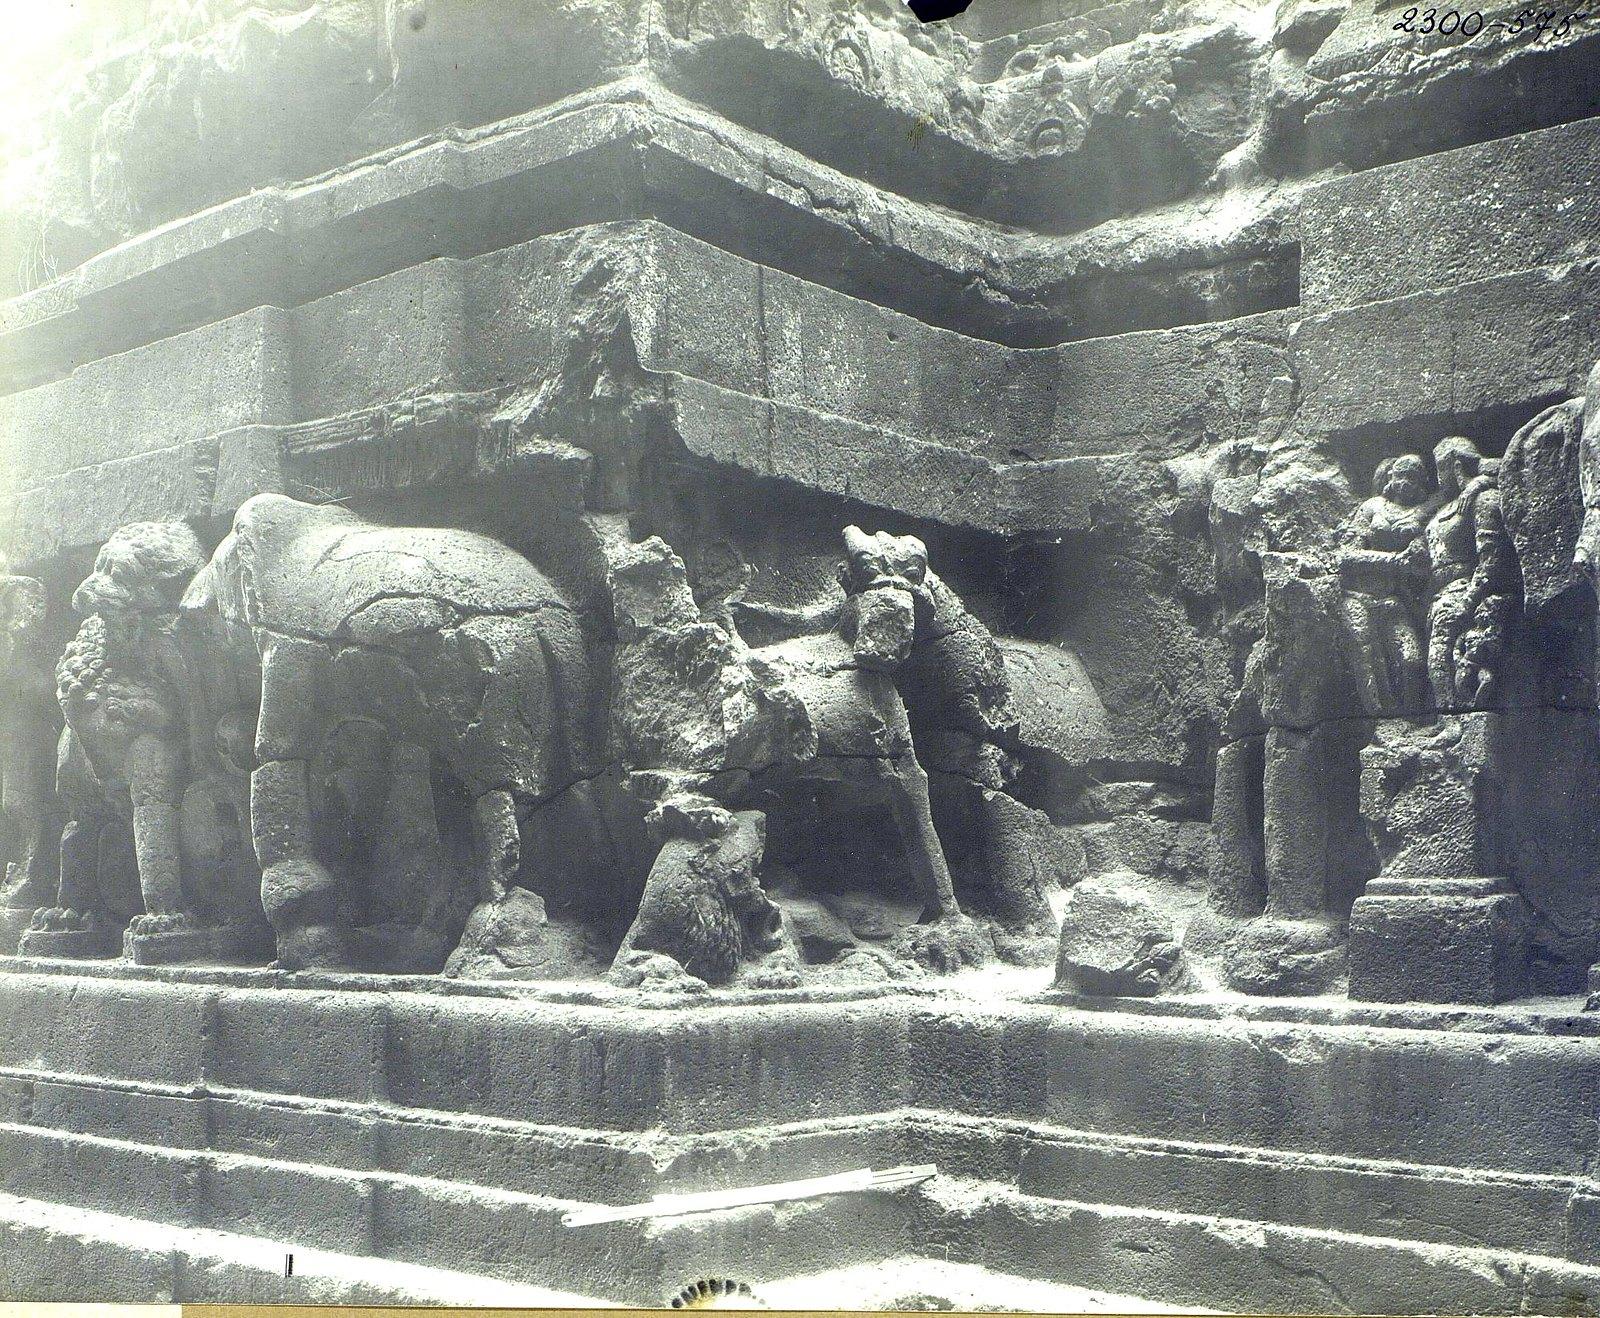 Храм Кайласа в Эллоре (деталь рельефа со слонами и львами) (8)